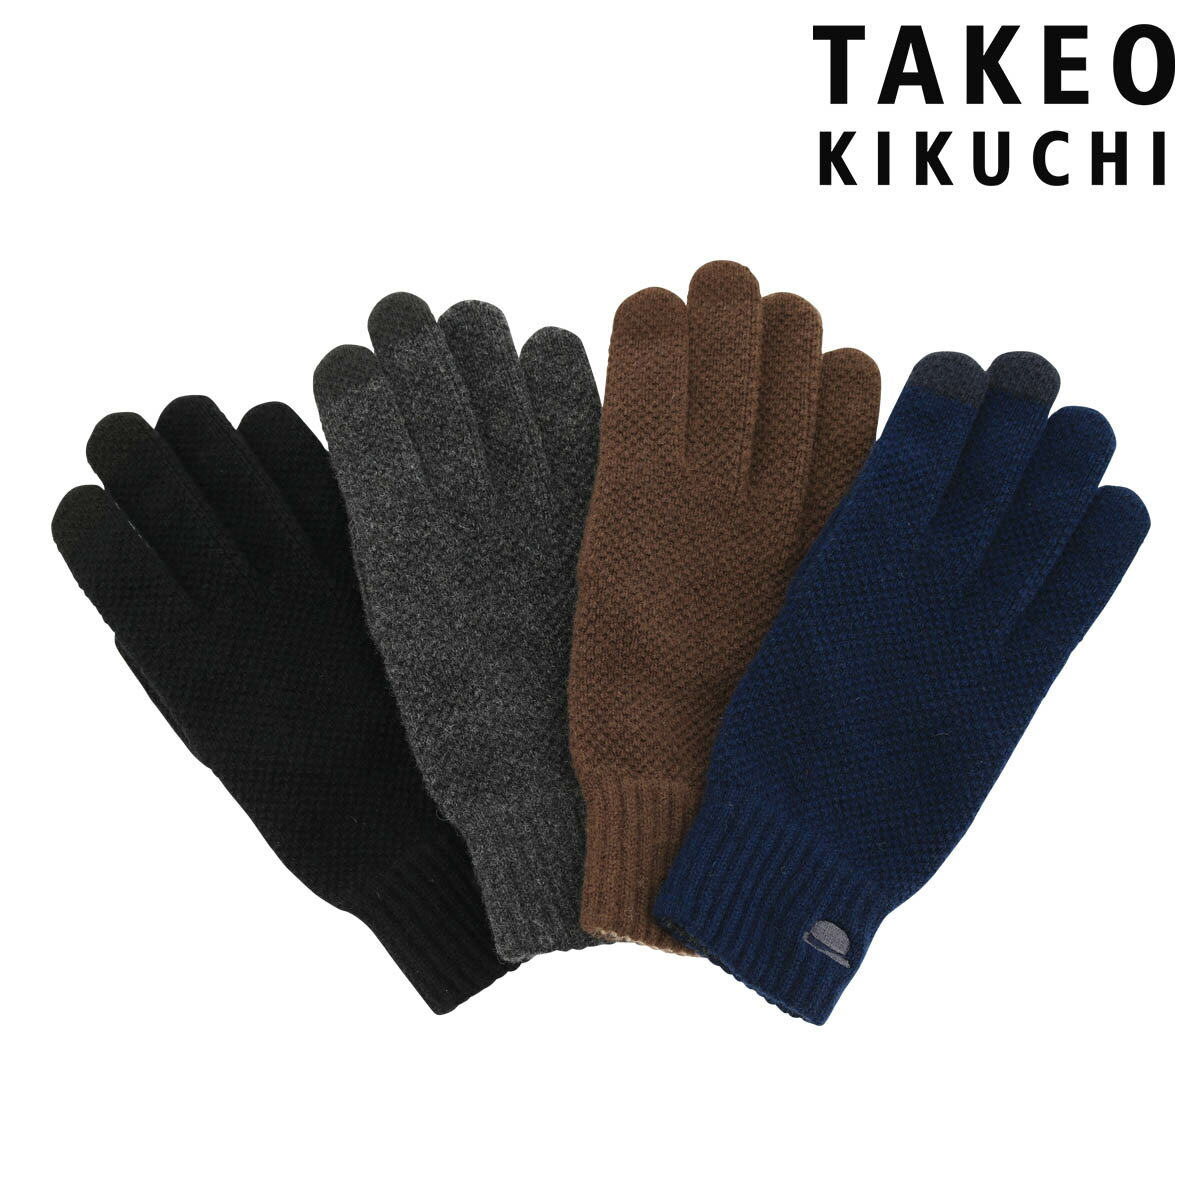 タケオキクチ 手袋 メンズ tkg-4028 TAKEO KIKUCHI スマートフォン対応 秋冬 防寒 [初売り][即日発送]